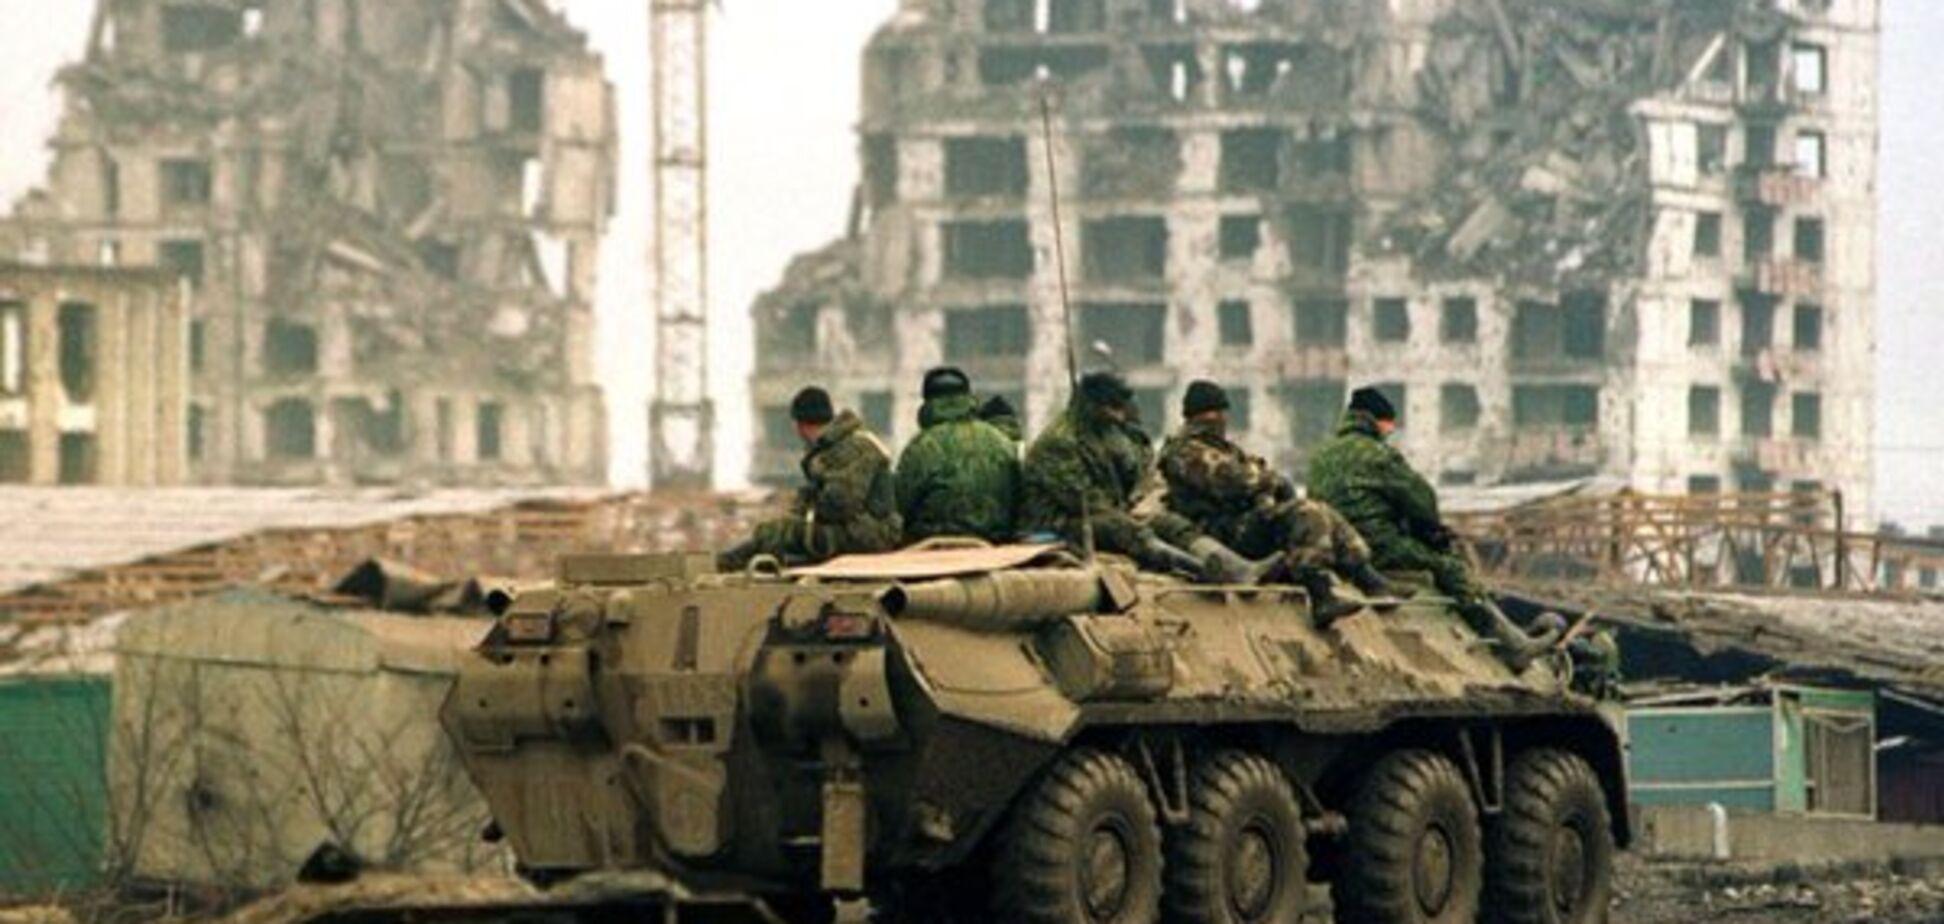 Впечатляющие мемуары российского офицера: умирать страшно лишь однажды